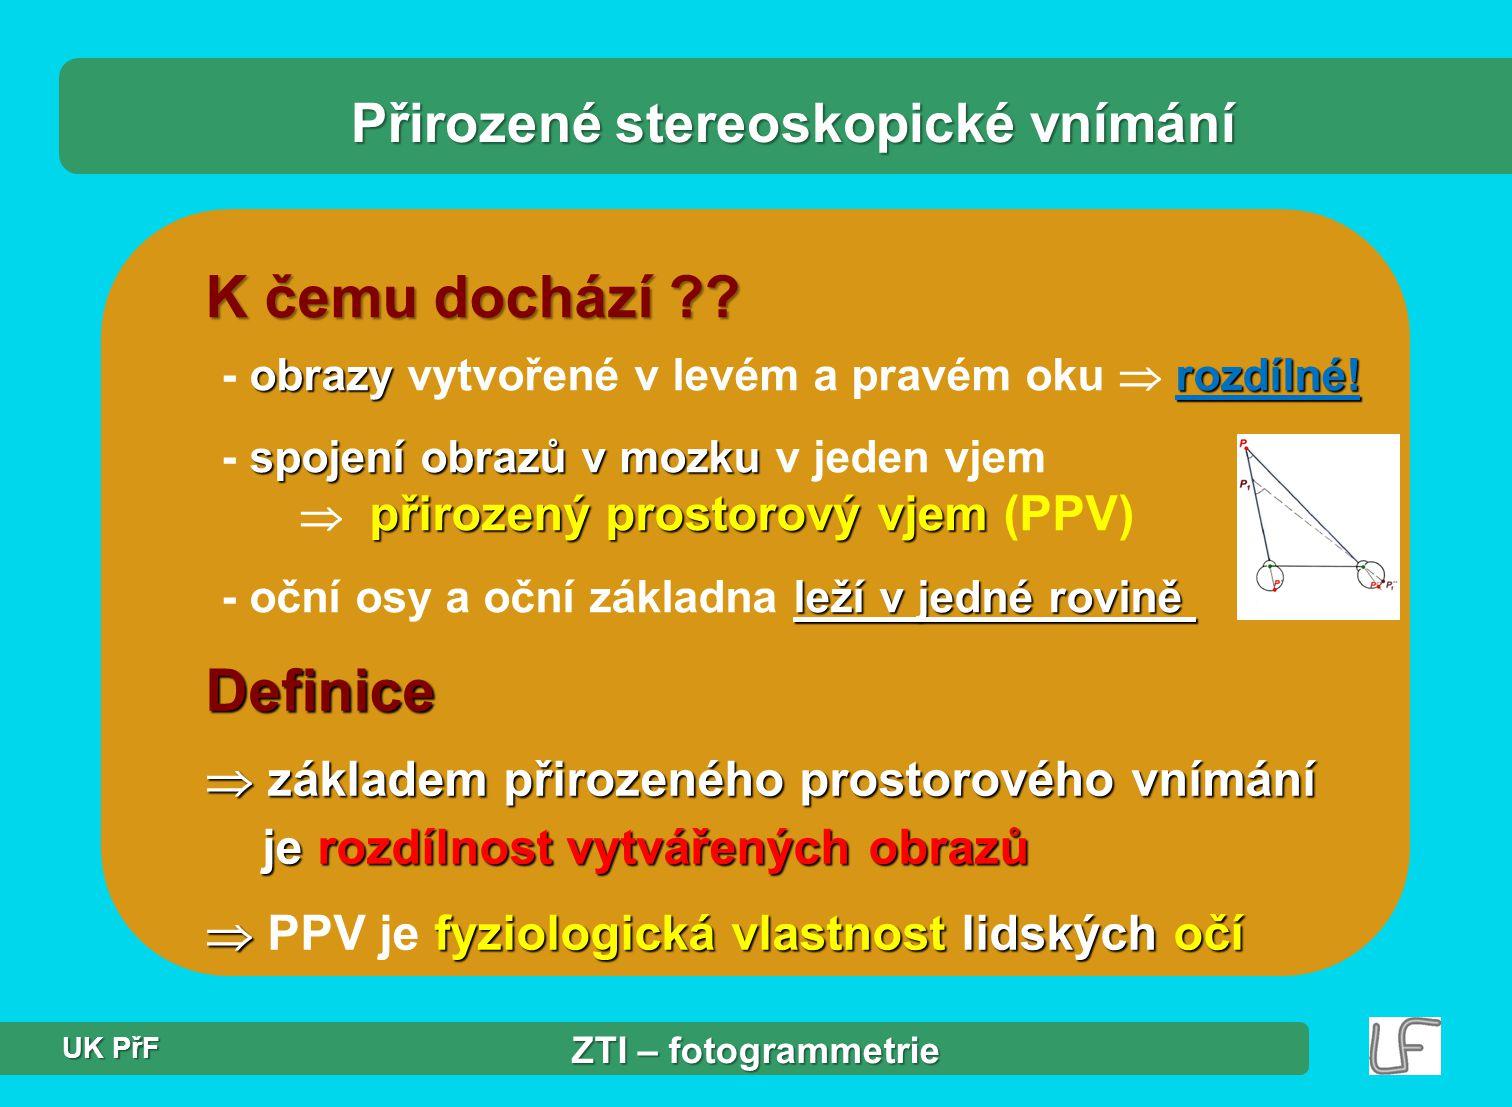 Přirozené stereoskopické vnímání